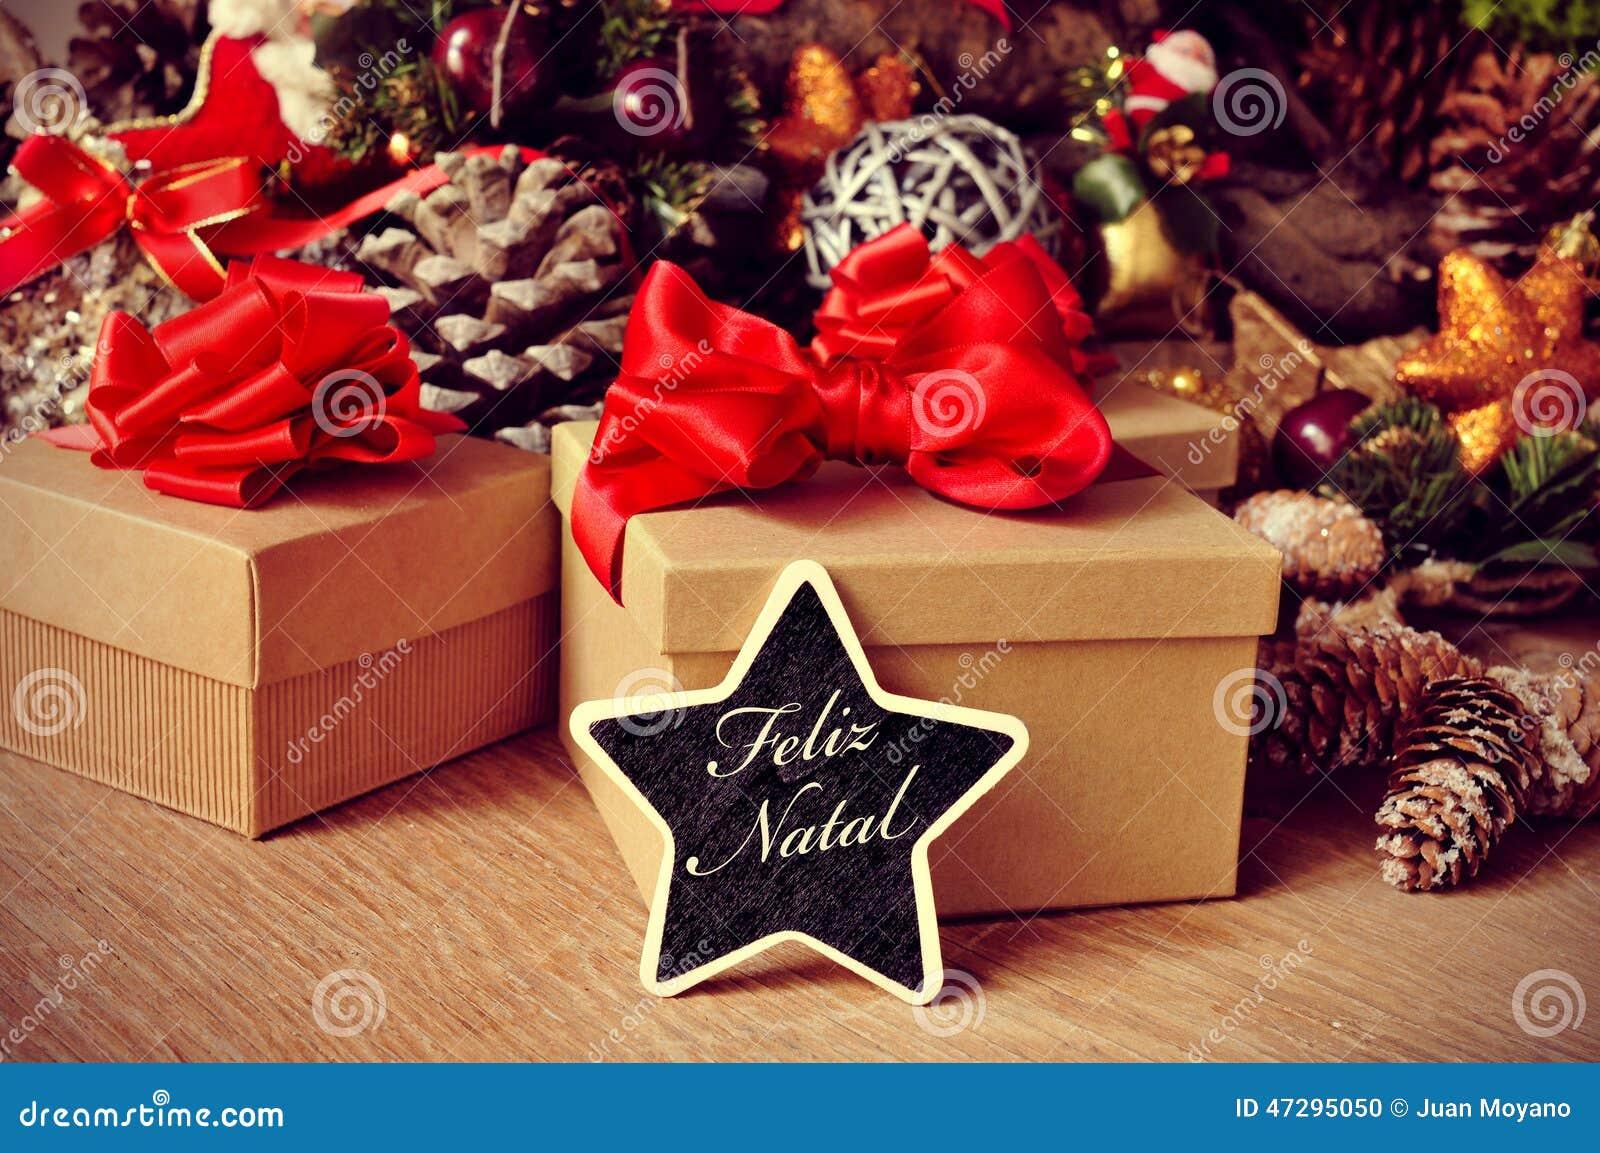 feliz geburts frohe weihnachten auf portugiesisch. Black Bedroom Furniture Sets. Home Design Ideas